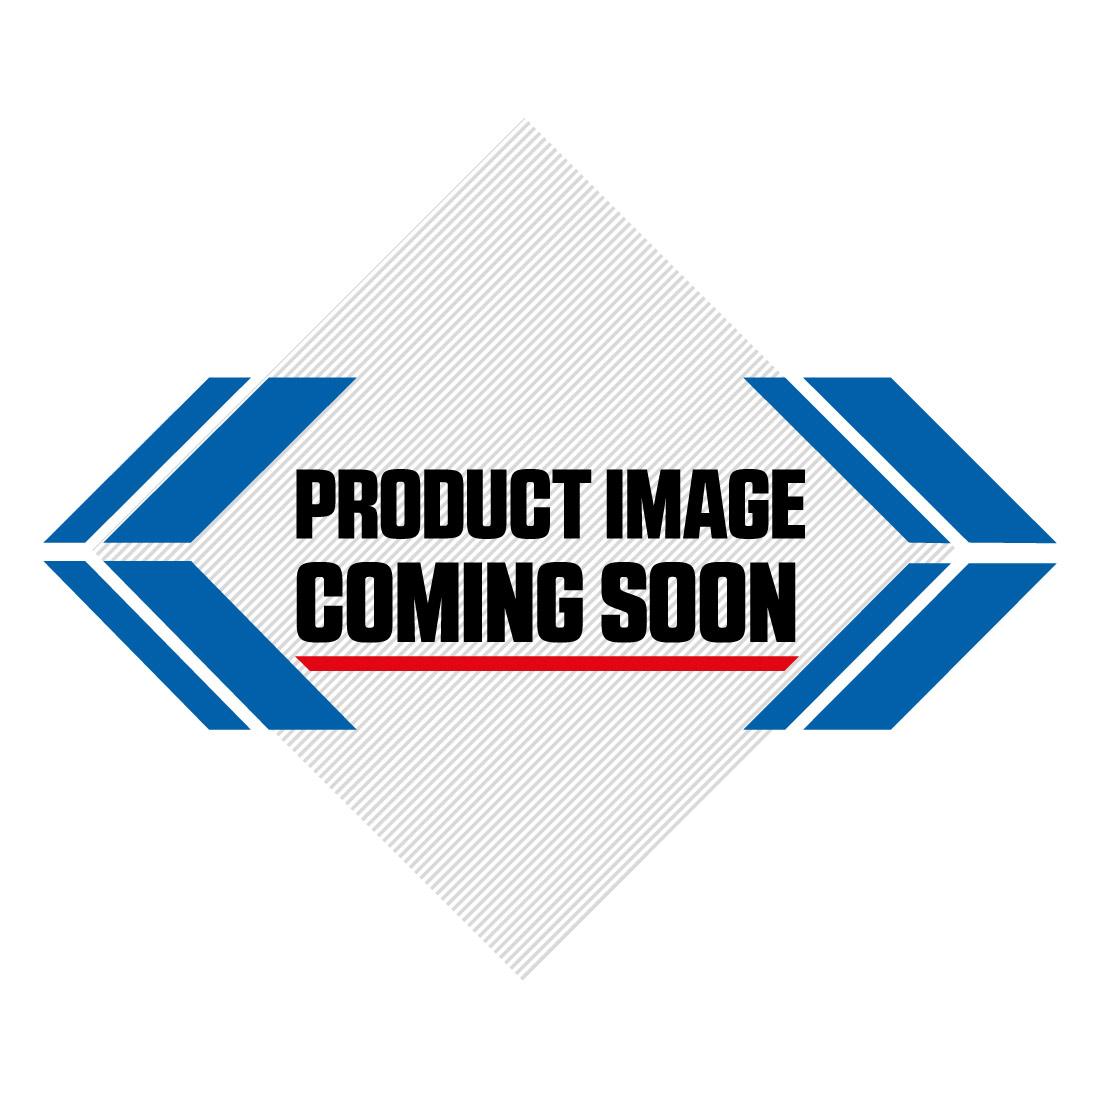 Kawasaki Plastic Kit KX 85 (01-09) (11-12) Black Image-1>